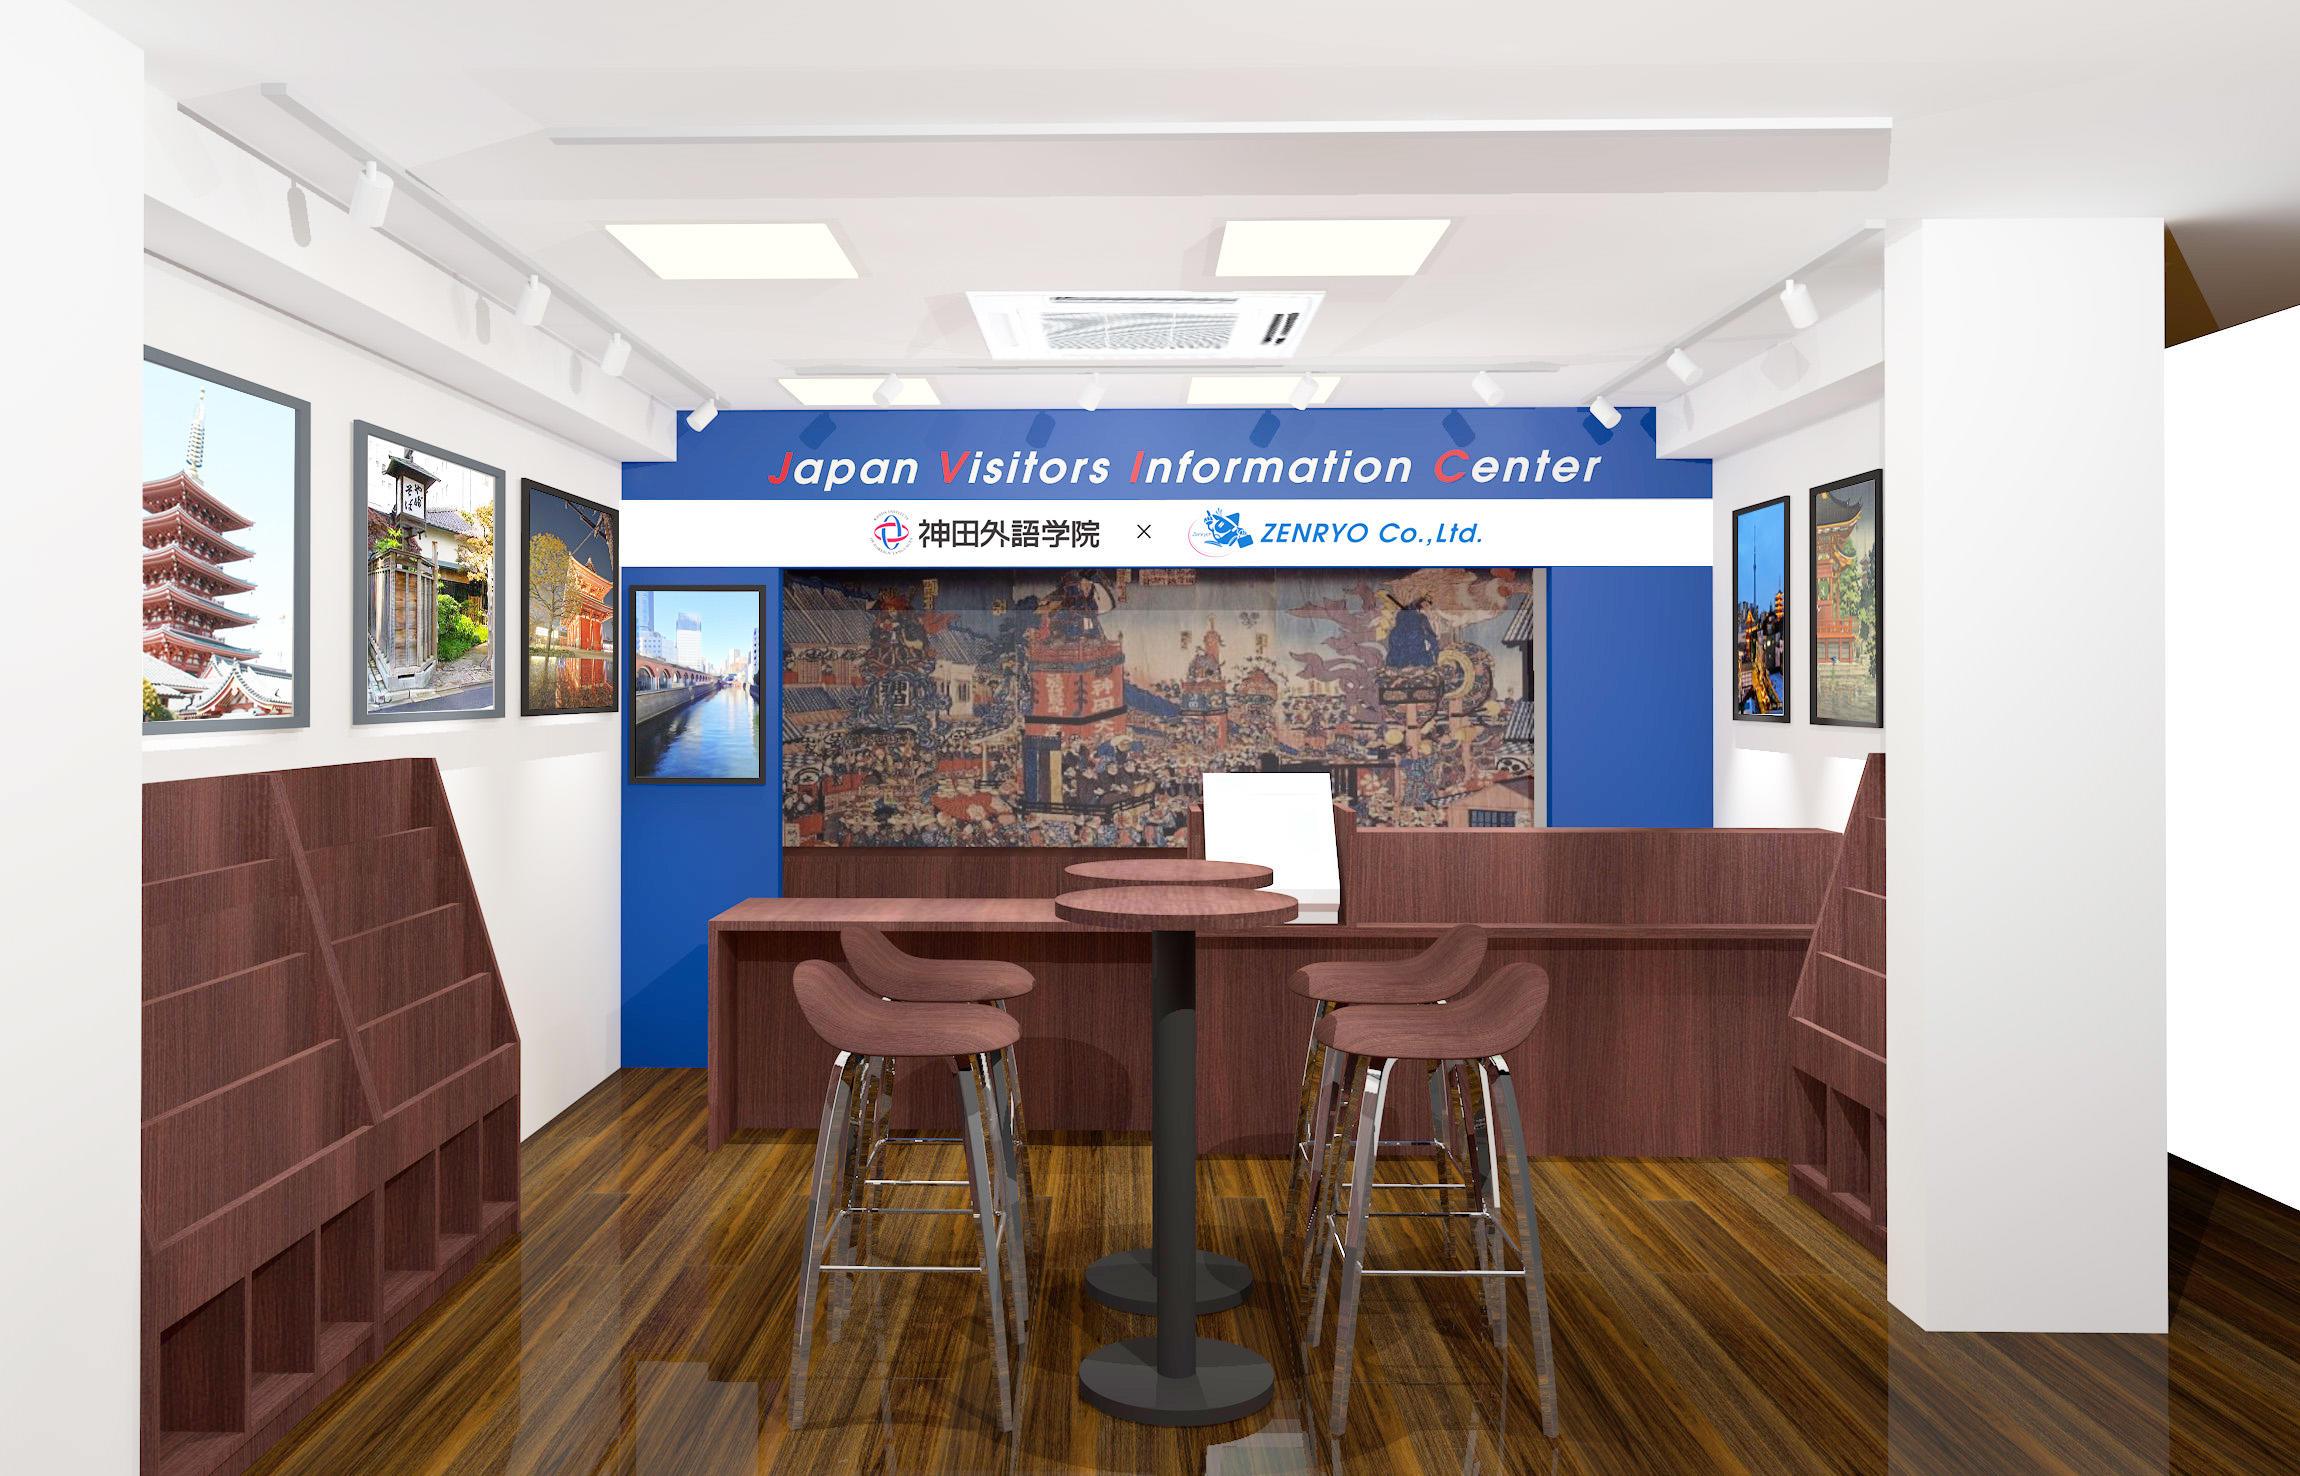 神田外語学院と全旅が協働で観光案内窓口を運営 -- 神田駅西口商店街に2018年5月7日開業し、日本各地の魅力を発信